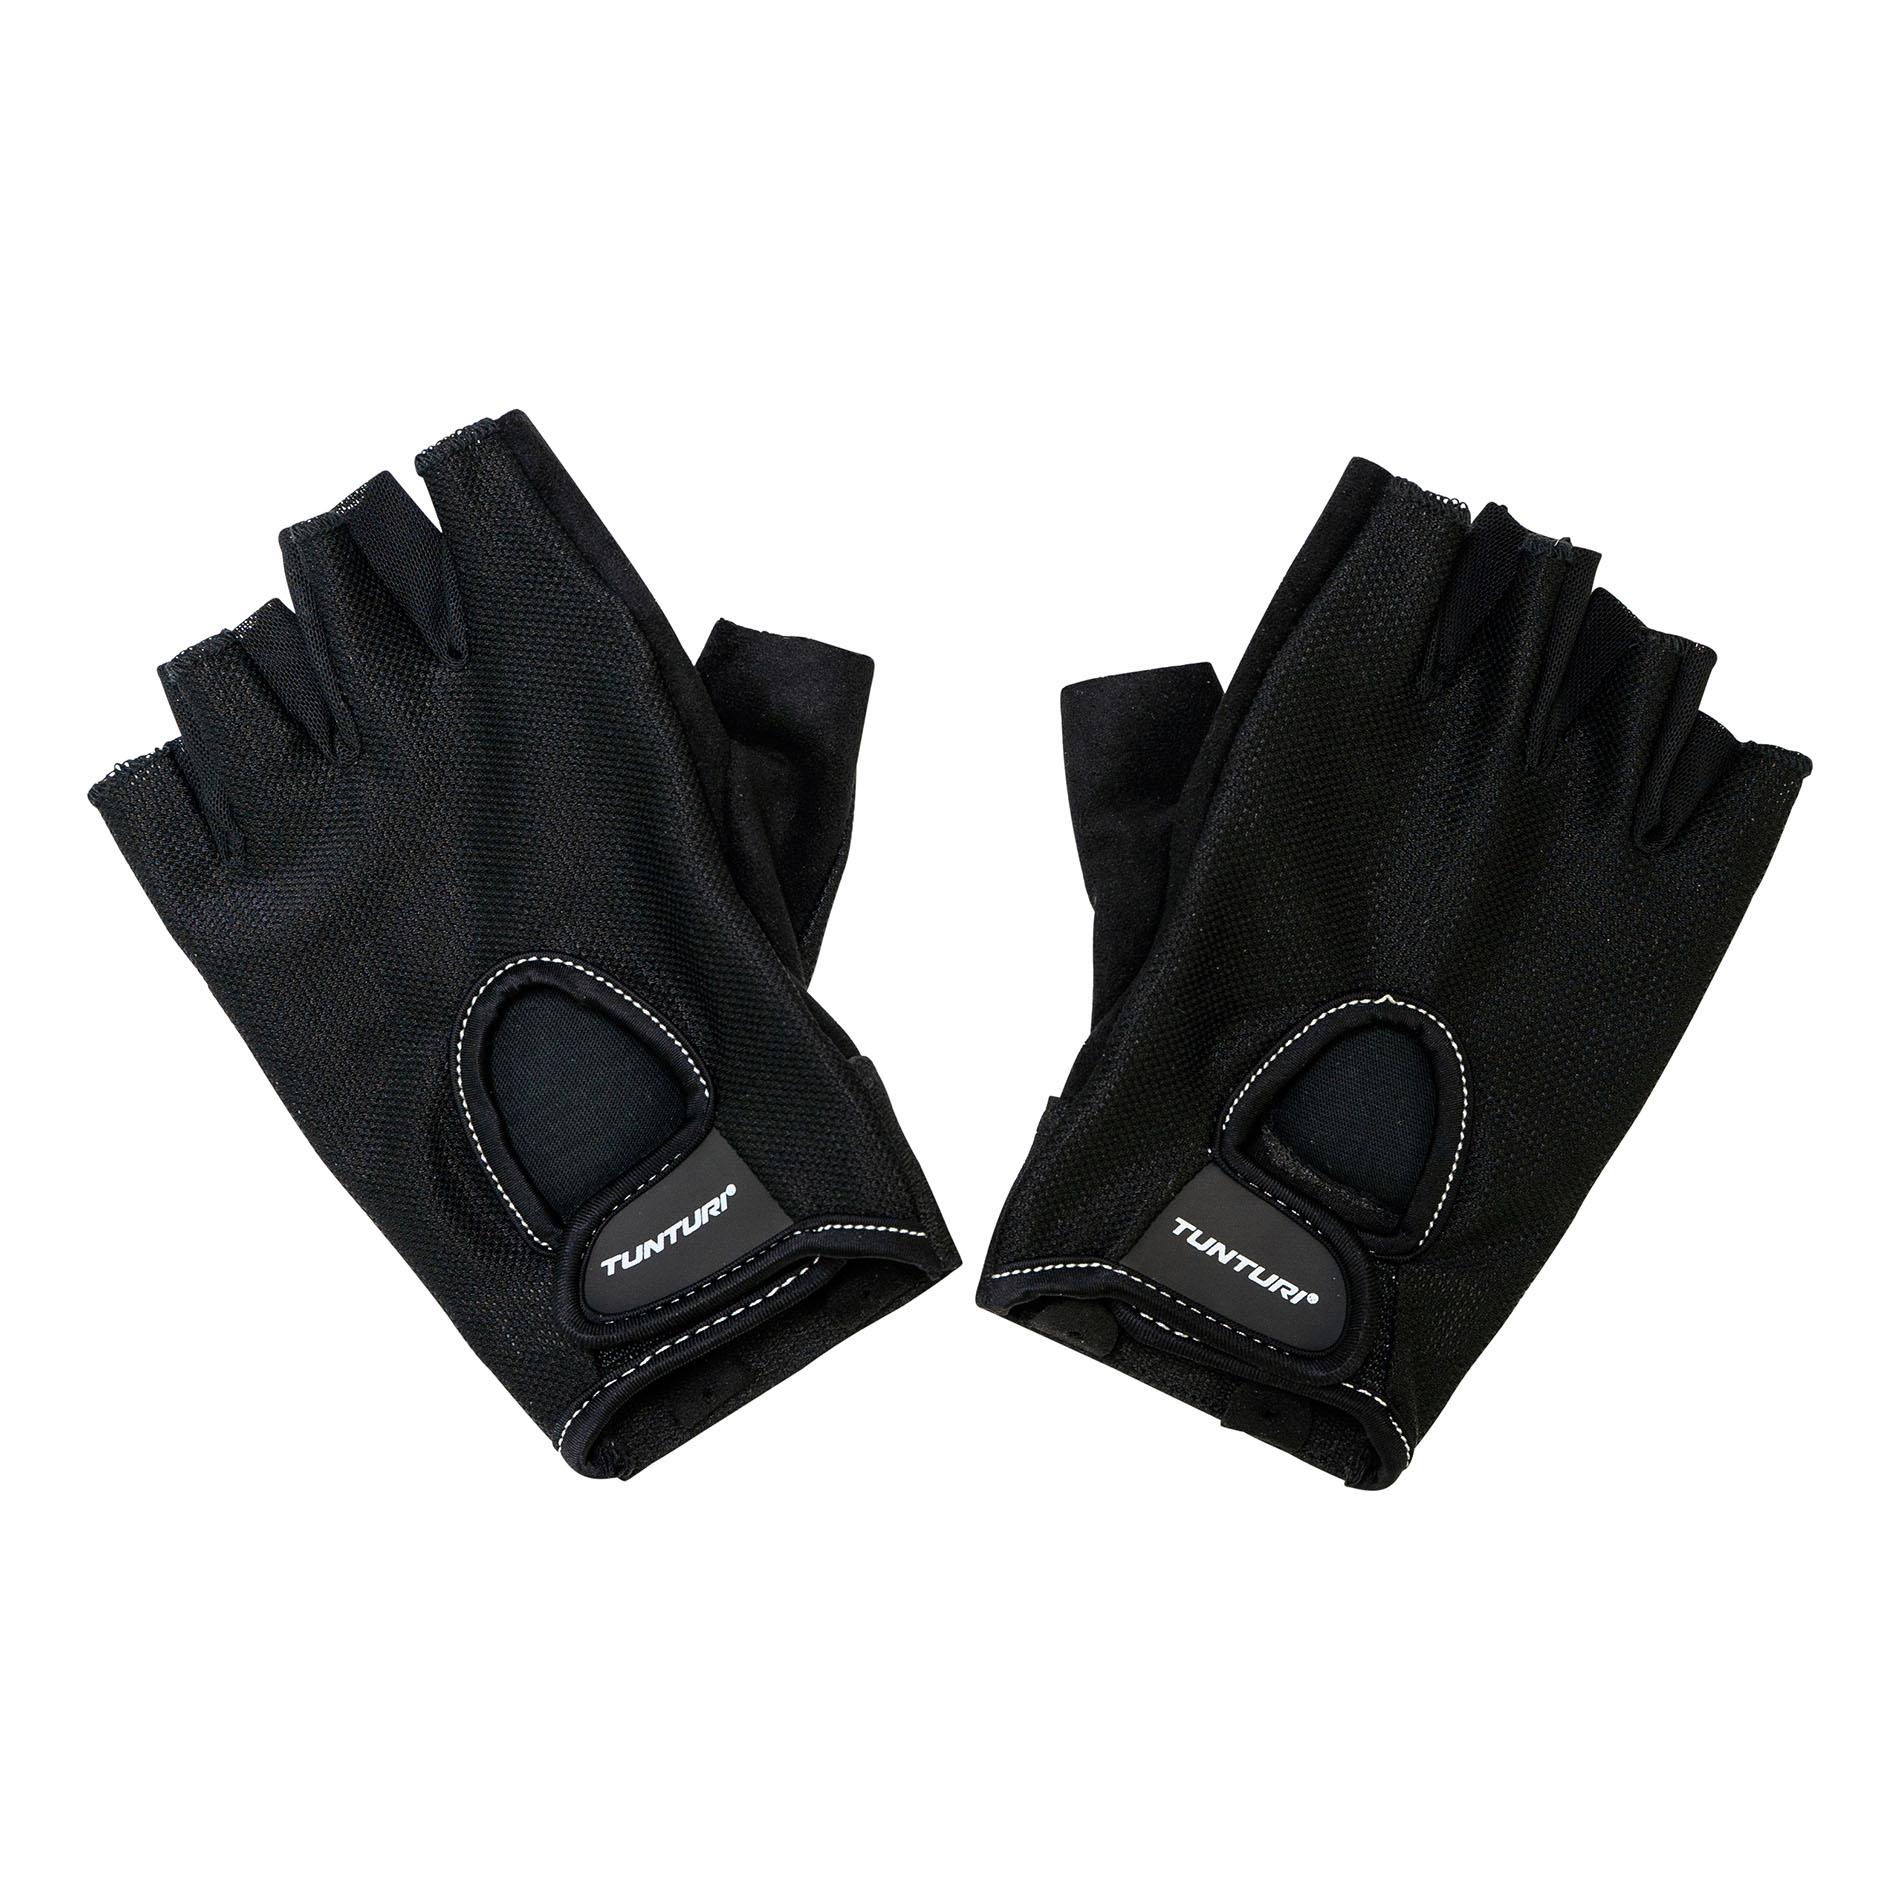 Tunturi Handschoenen - Sporthandschoenen - Easy Fit Pro